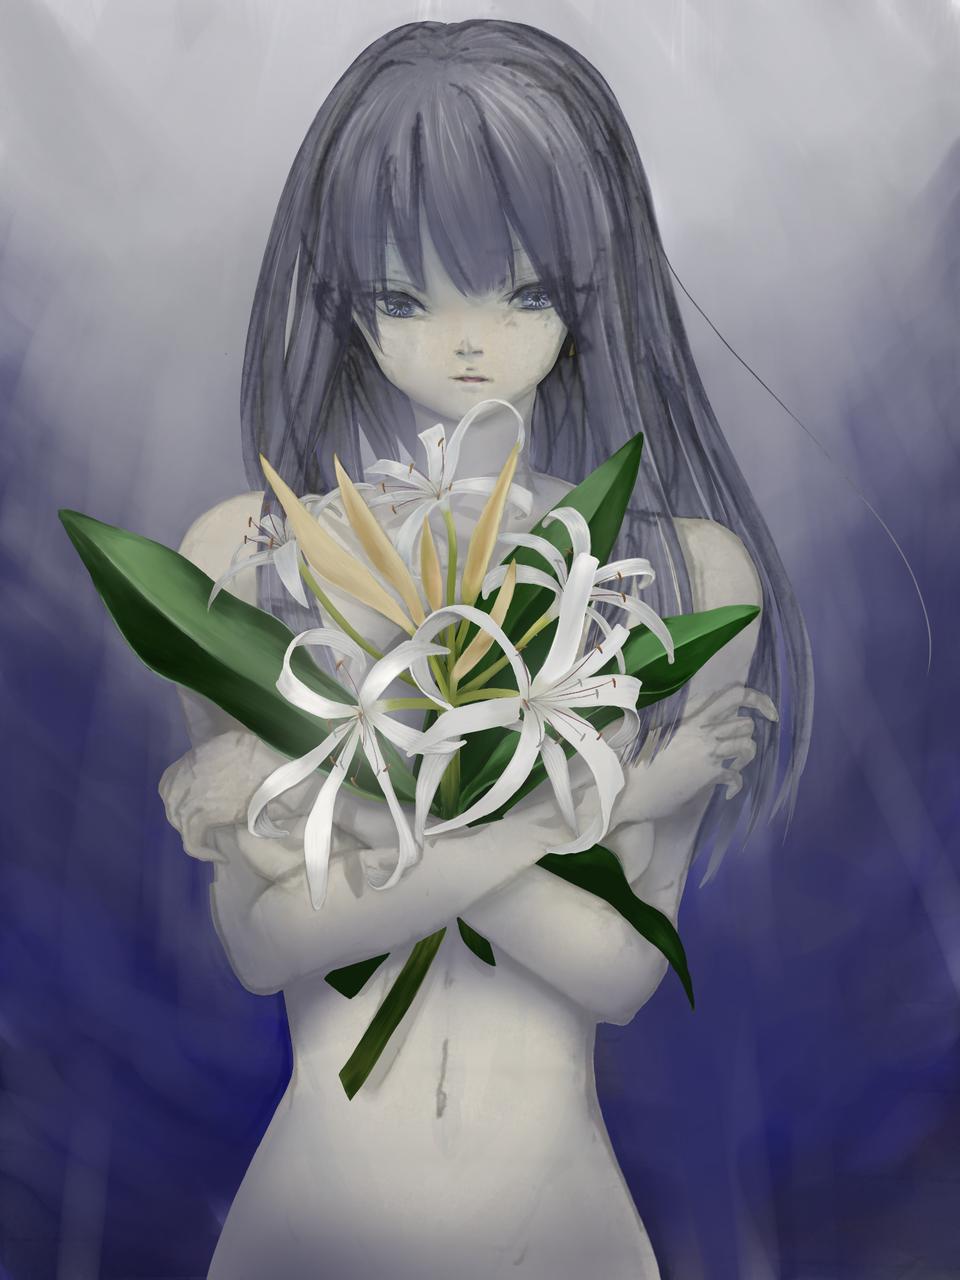 ④生物/ハマユウ Illust of 生 brag.your.country sea 浜木綿 woman ④生物 植物 flower 白い花 ハマユウ 生物